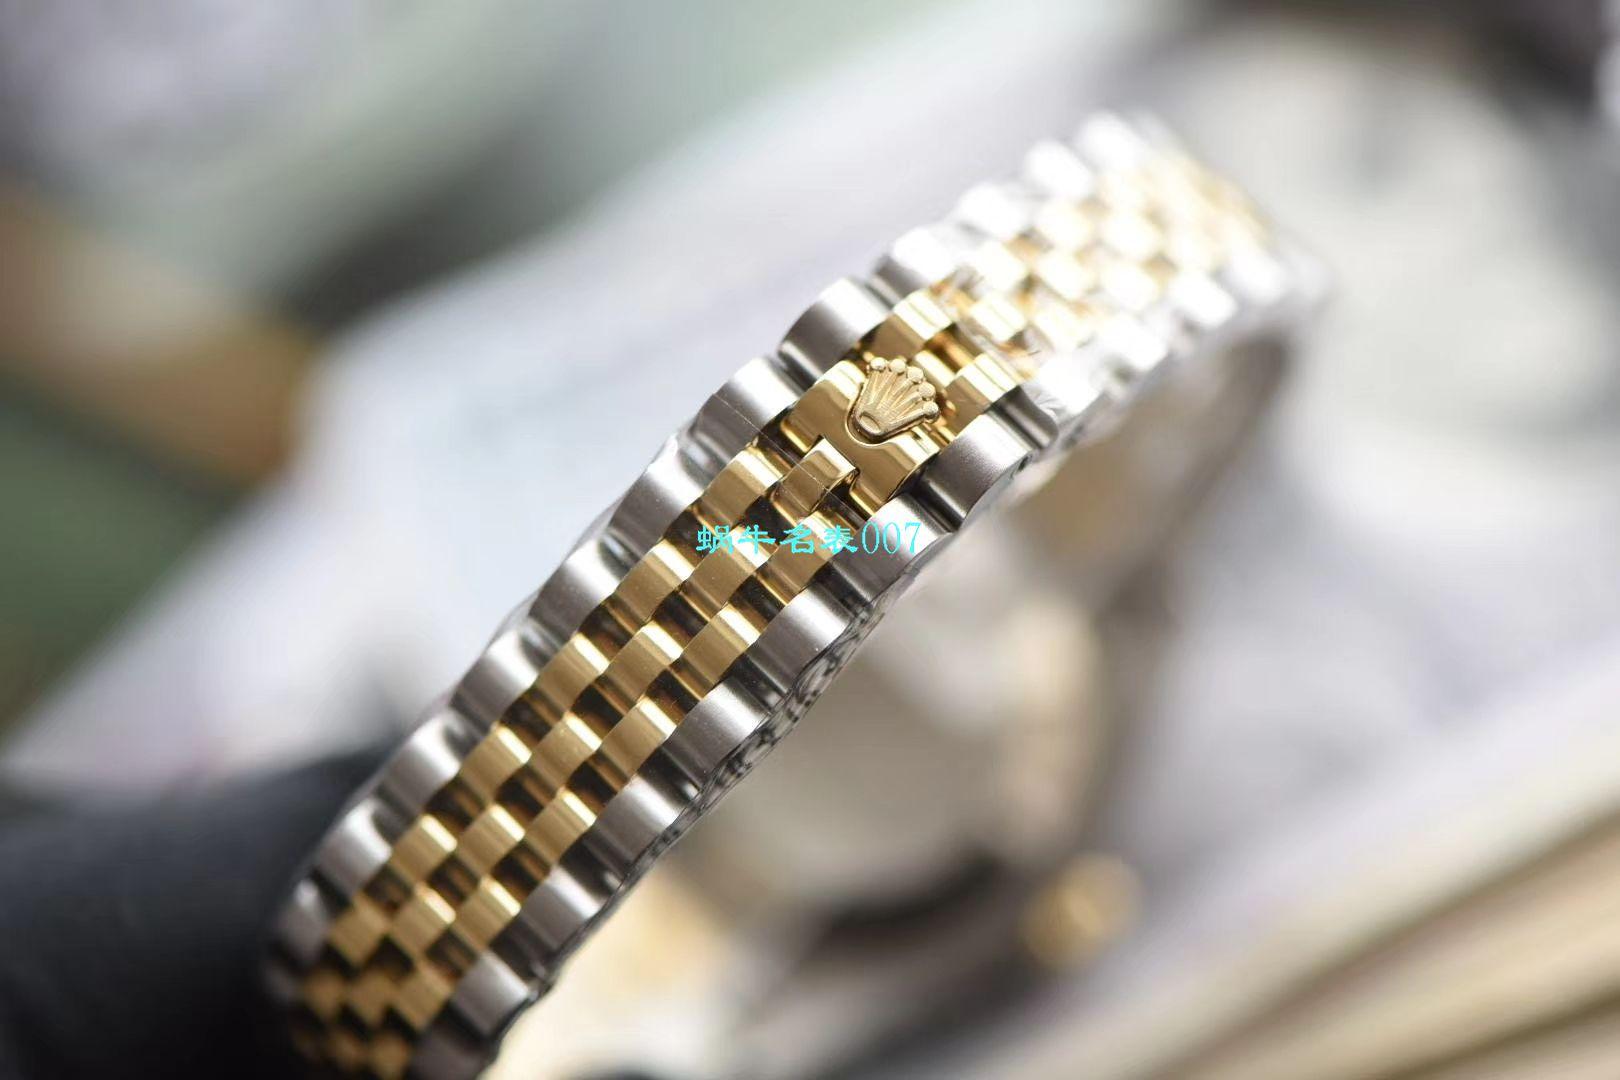 台湾厂超A高仿劳力士日志型31毫米女装m278273-0016腕表 / R529